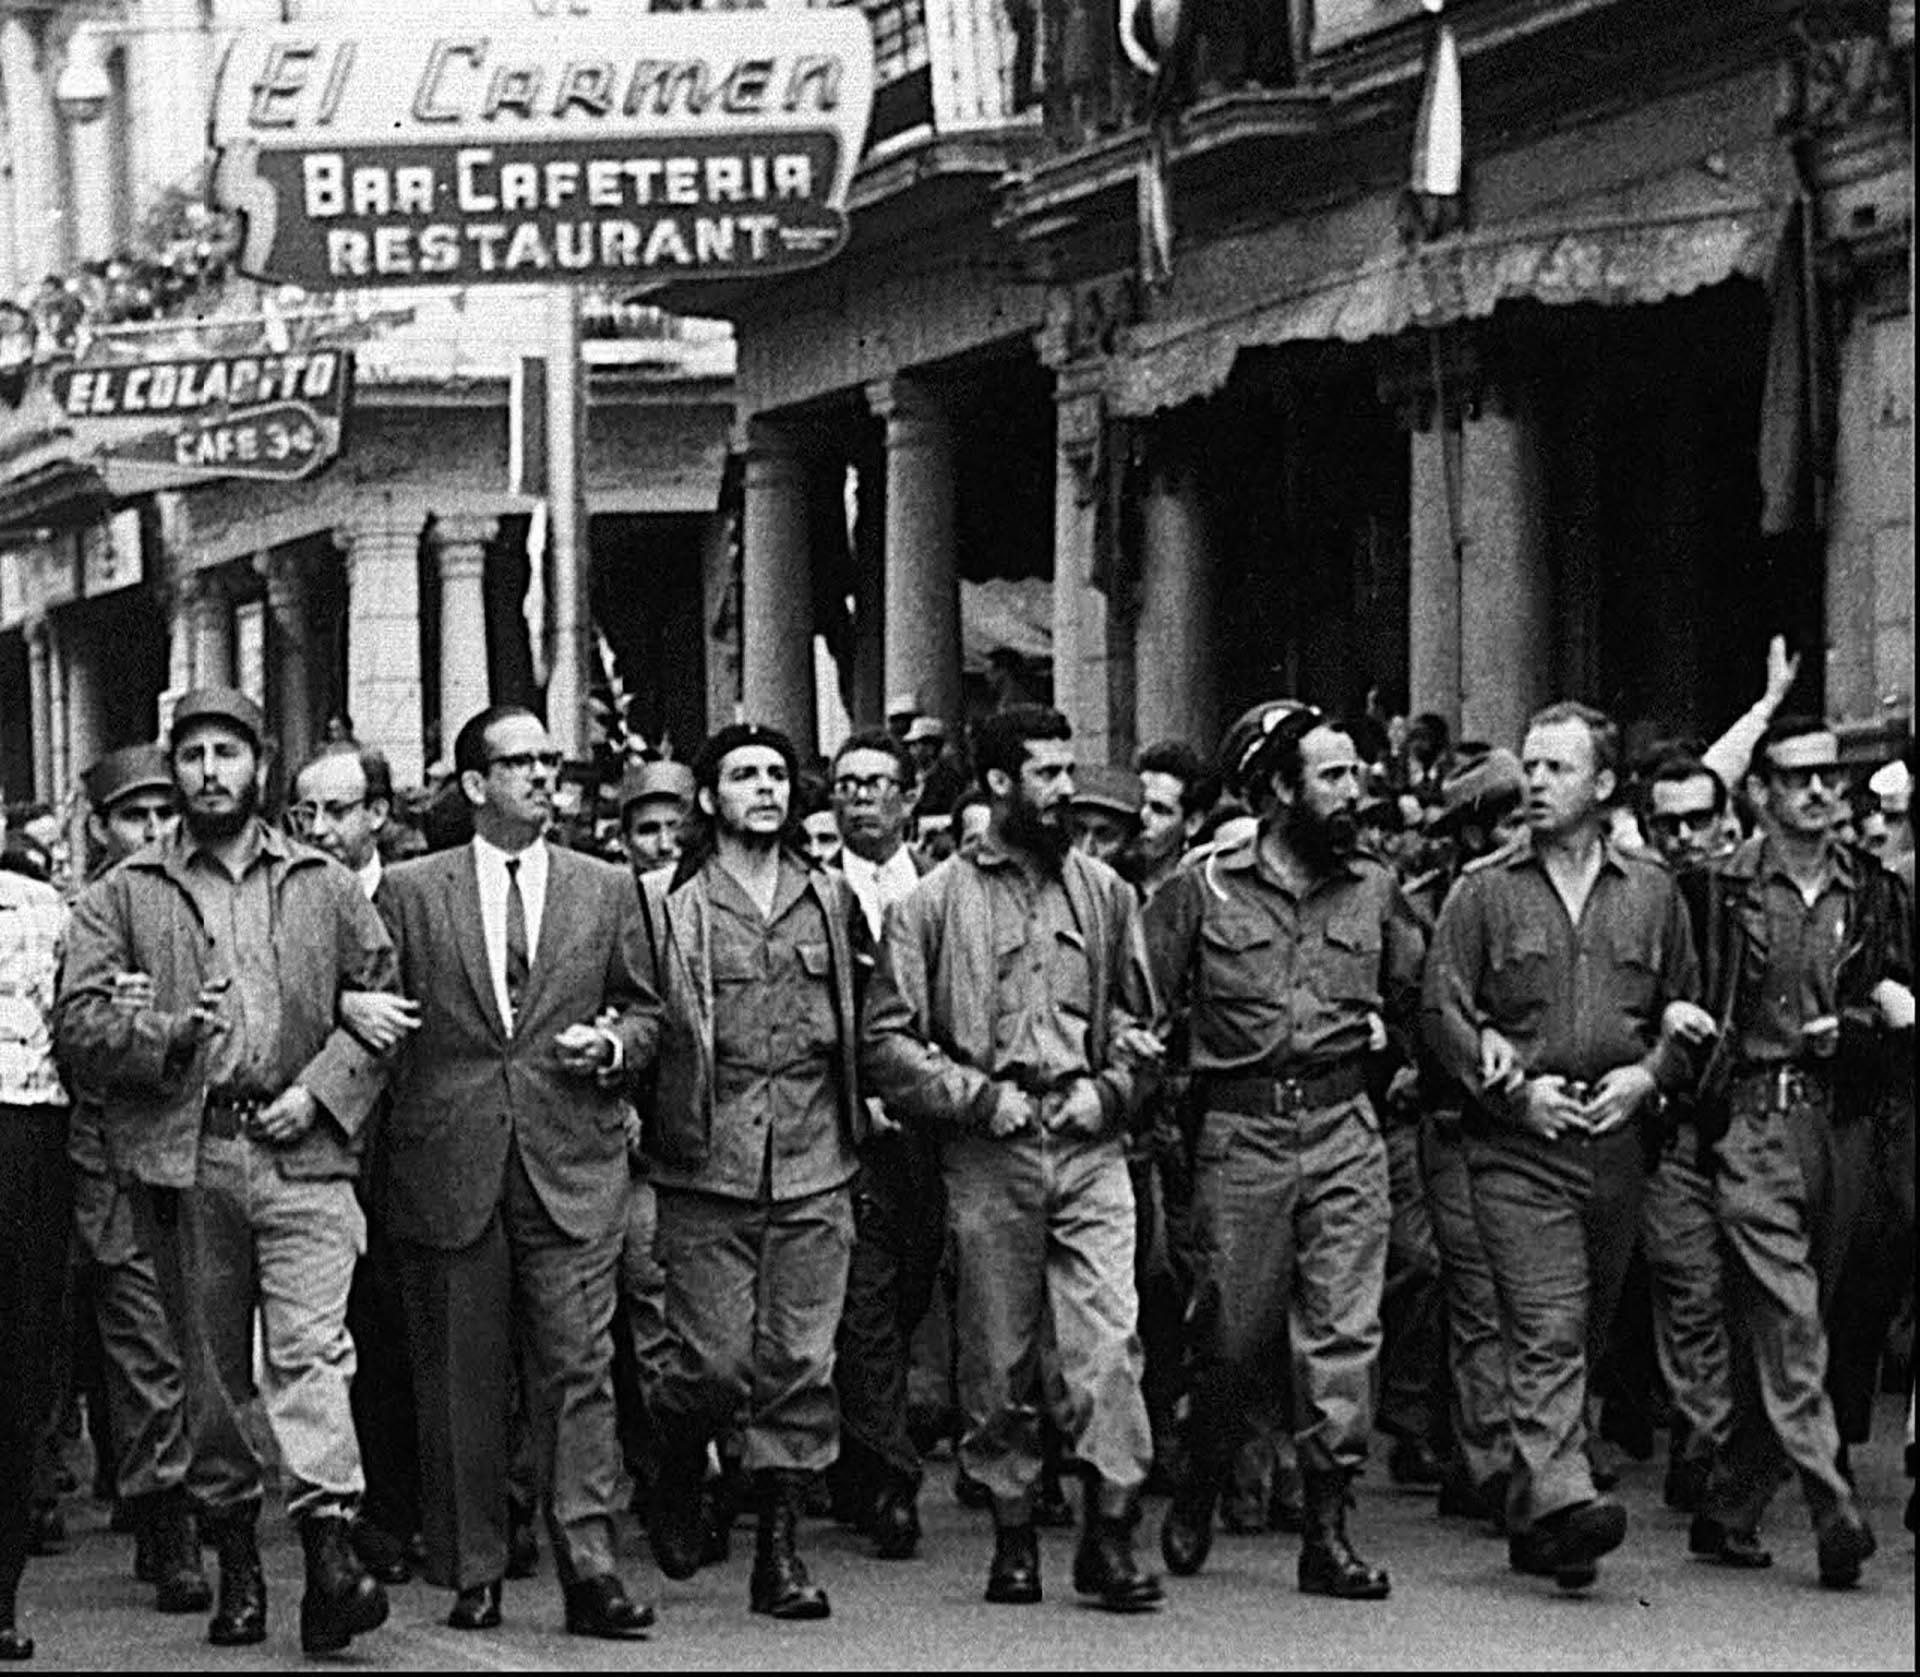 Fidel Castro y Che Guevara, entre la multitud. Año 1960 (AP)